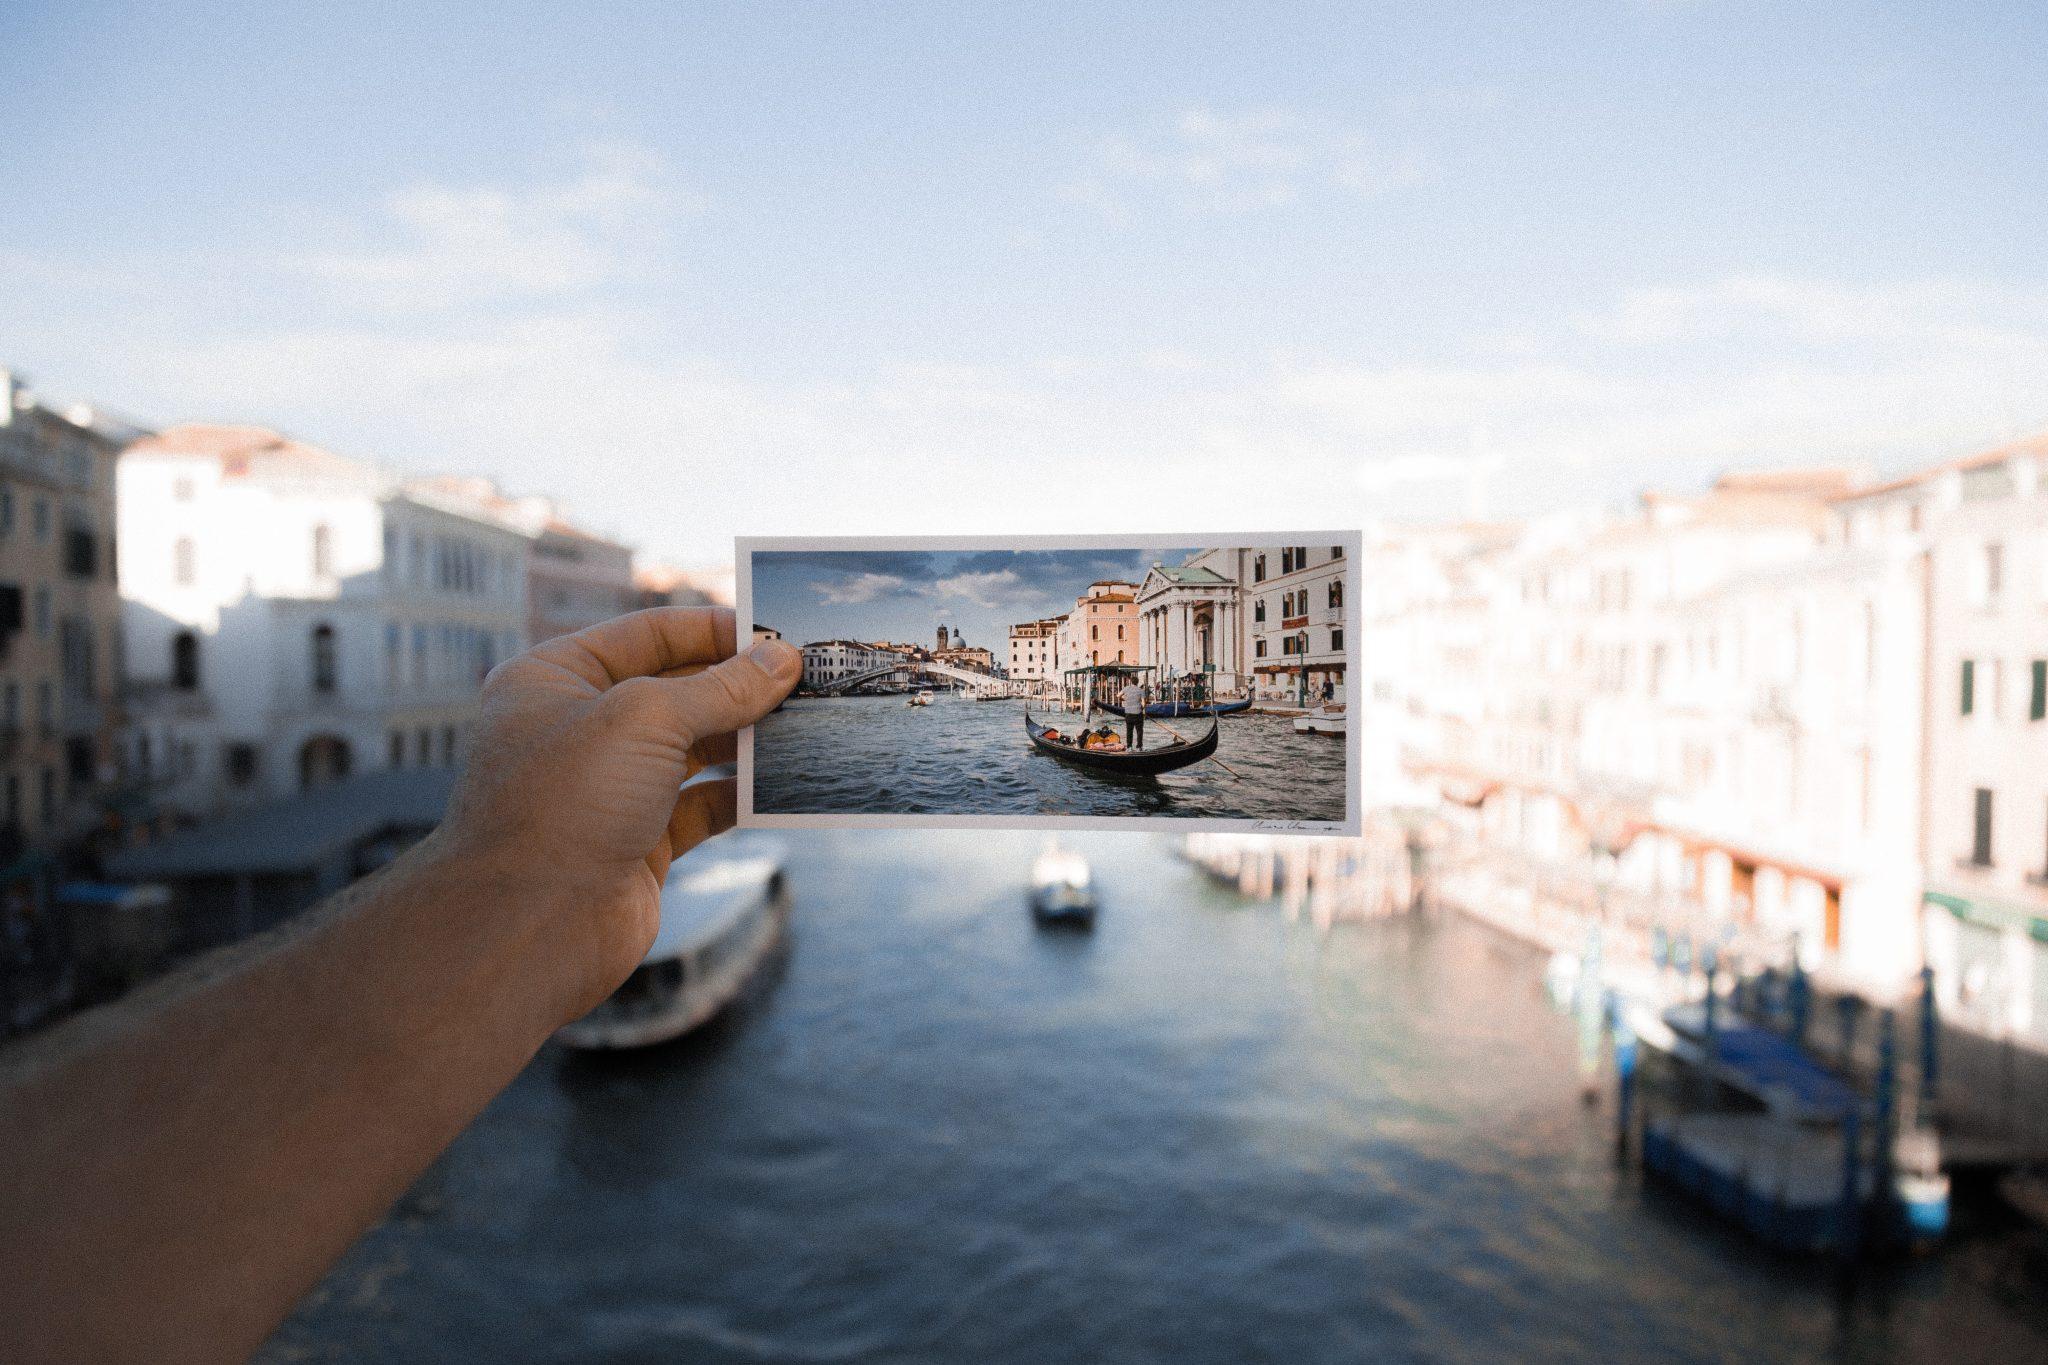 Una cartolina di Venezia contro il reale paesaggio della città, metafora del turismo veneto